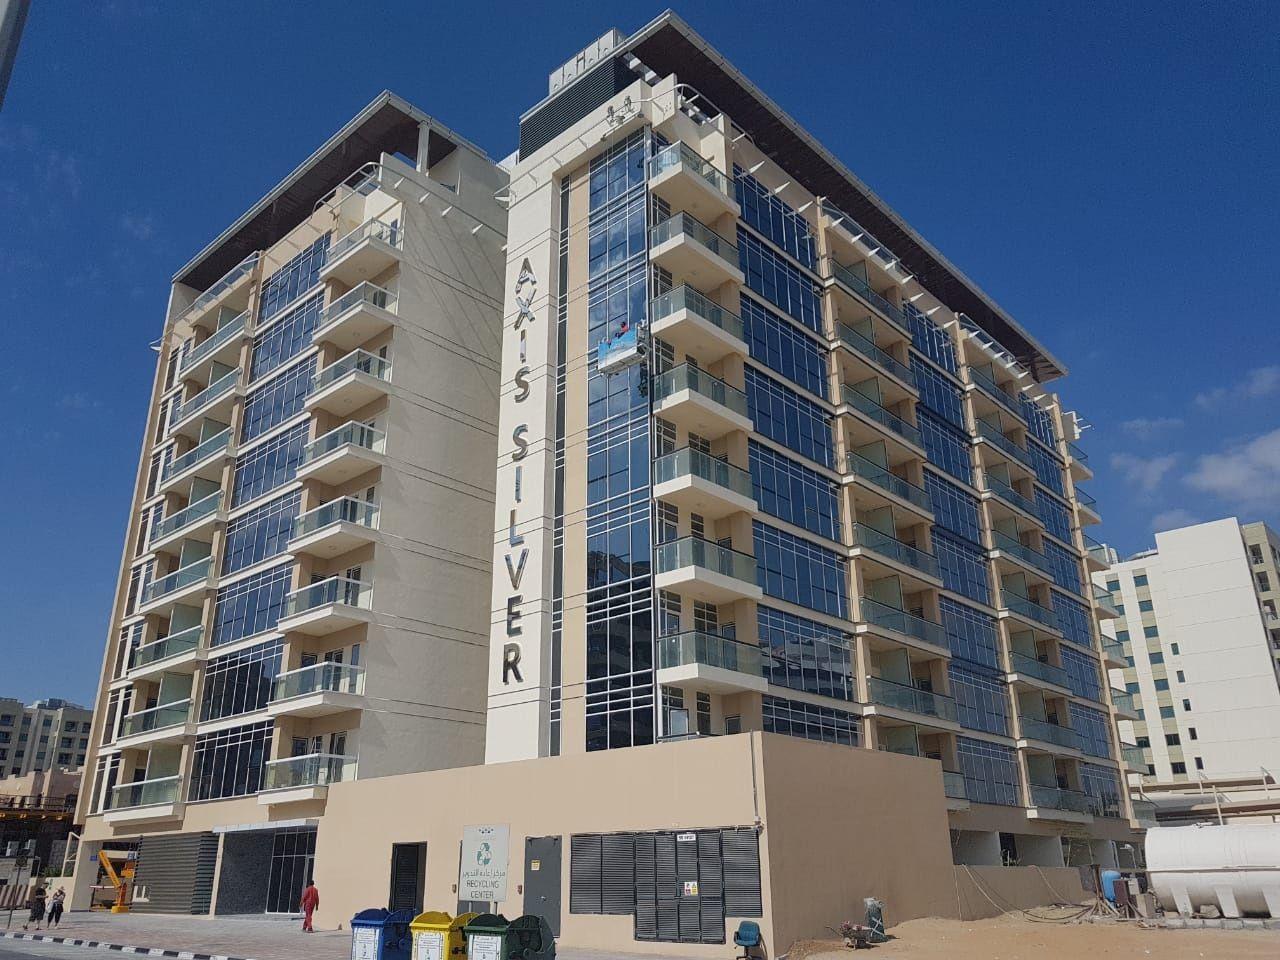 Buy apartment in dubai silicon oasis тенерифе вилла